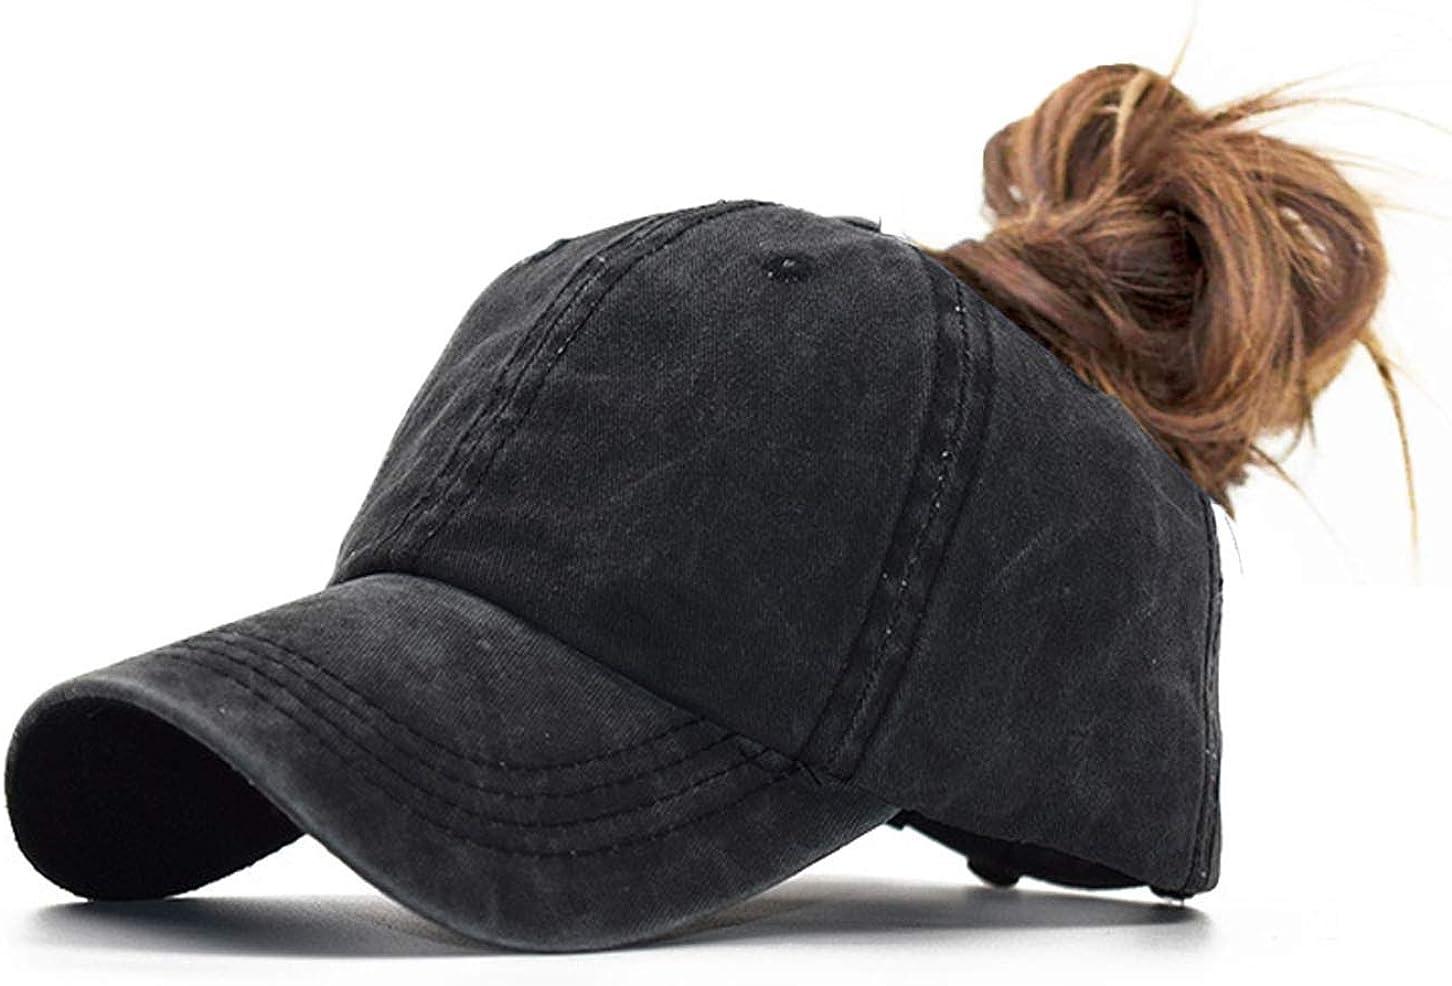 YCMI Washed Mesh Ponytail Hat Distressed Women Baseball Cotton